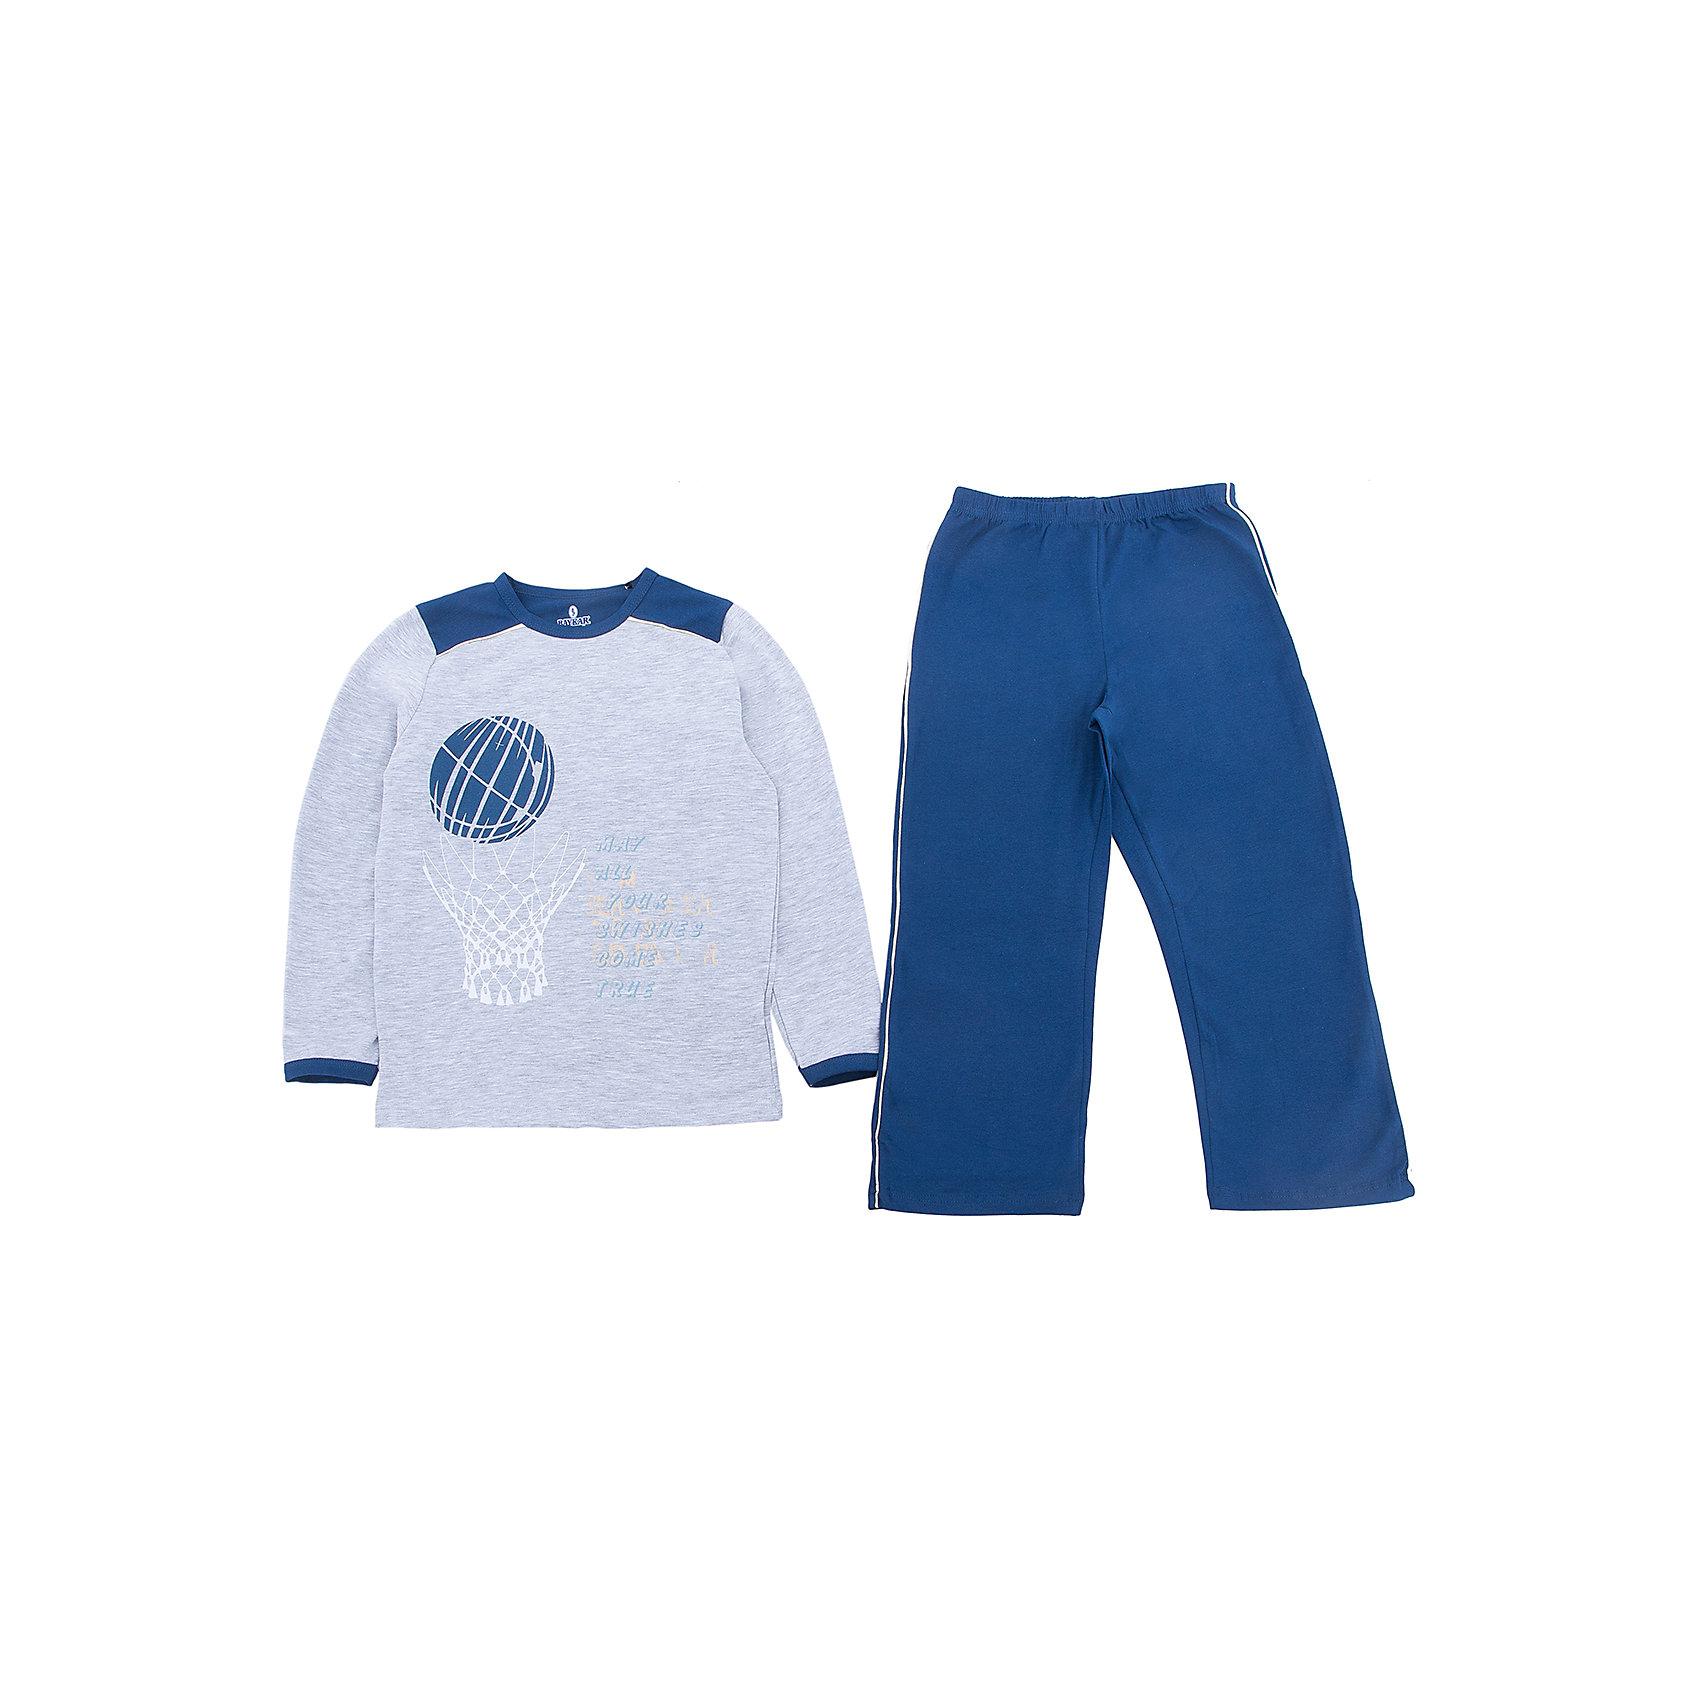 Пижама для мальчика BaykarПижамы и сорочки<br>Характеристики товара:<br><br>• цвет: синий<br>• состав ткани: 95% хлопок; 5% эластан<br>• комплектация: кофта, брюки<br>• пояс брюк: резинка<br>• сезон: круглый год<br>• страна бренда: Турция<br>• страна изготовитель: Турция<br><br>Качественная пижама для мальчика позволяет обеспечить комфортный сон. Пижама для мальчика Baykar украшена симпатичным принтом. <br><br>Такой комплект для сна из кофты и брюк сделан из мягкого дышащего материала. Продуманный крой обеспечивает комфортную посадку. <br><br>Пижаму для мальчика Baykar (Байкар) можно купить в нашем интернет-магазине.<br><br>Ширина мм: 281<br>Глубина мм: 70<br>Высота мм: 188<br>Вес г: 295<br>Цвет: белый<br>Возраст от месяцев: 72<br>Возраст до месяцев: 84<br>Пол: Мужской<br>Возраст: Детский<br>Размер: 116/122,98/104,104/110,110/116<br>SKU: 6764767